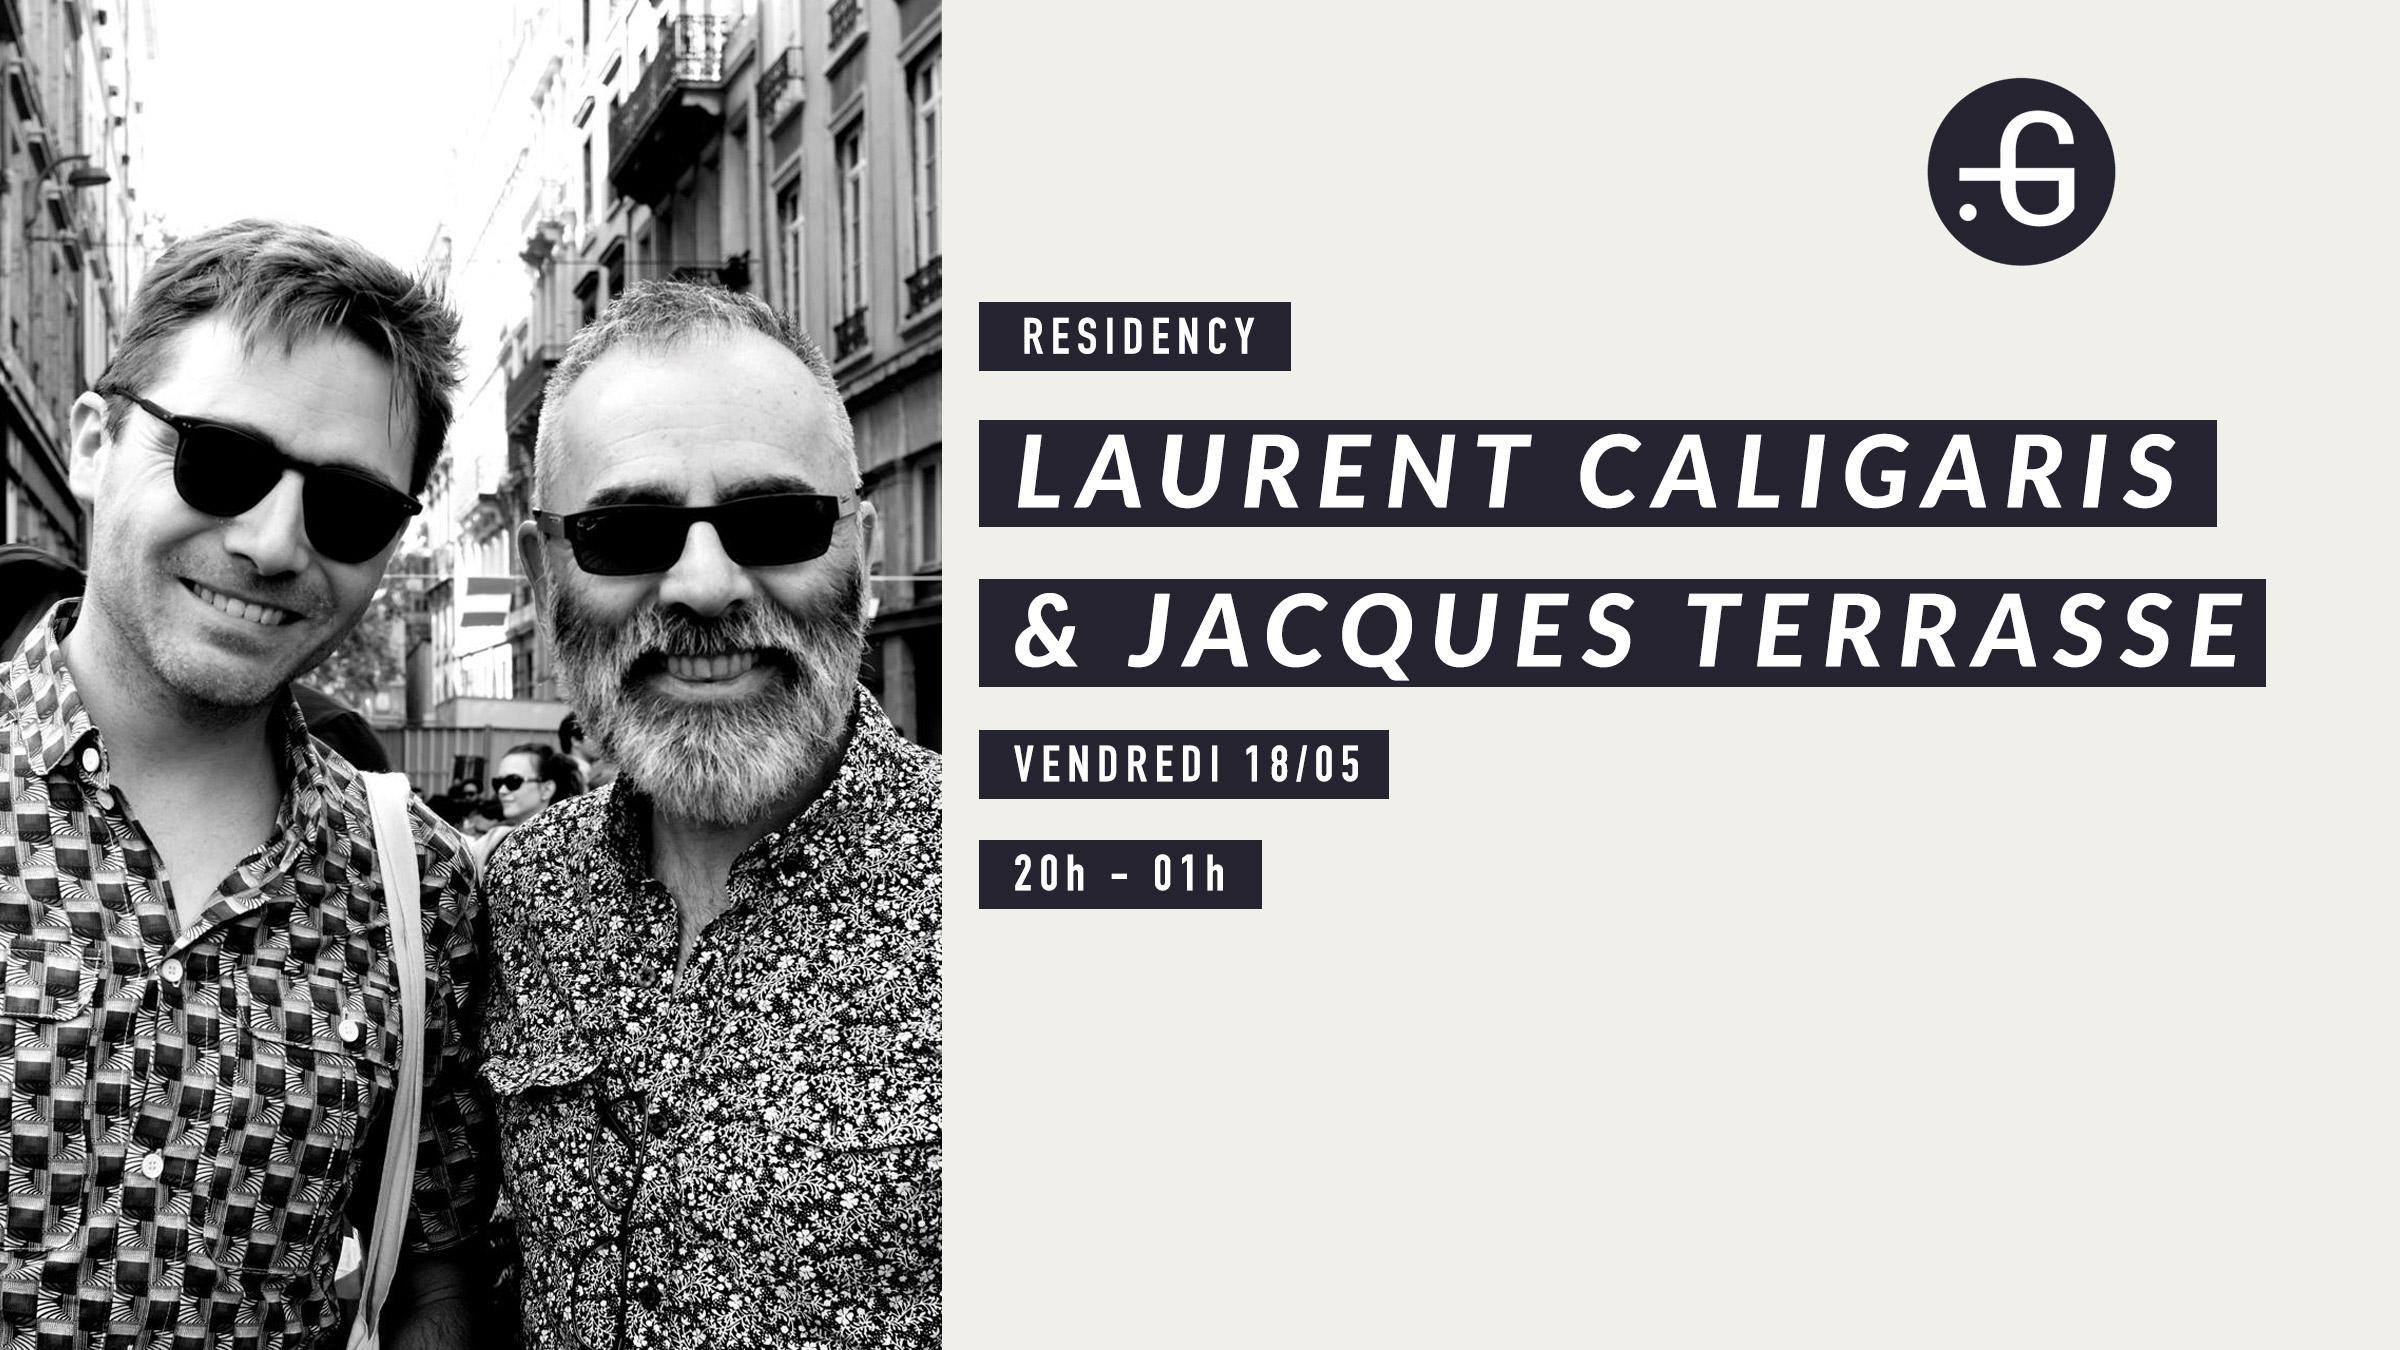 Jacques Terrasse, Laurent Caligaris, 18/05